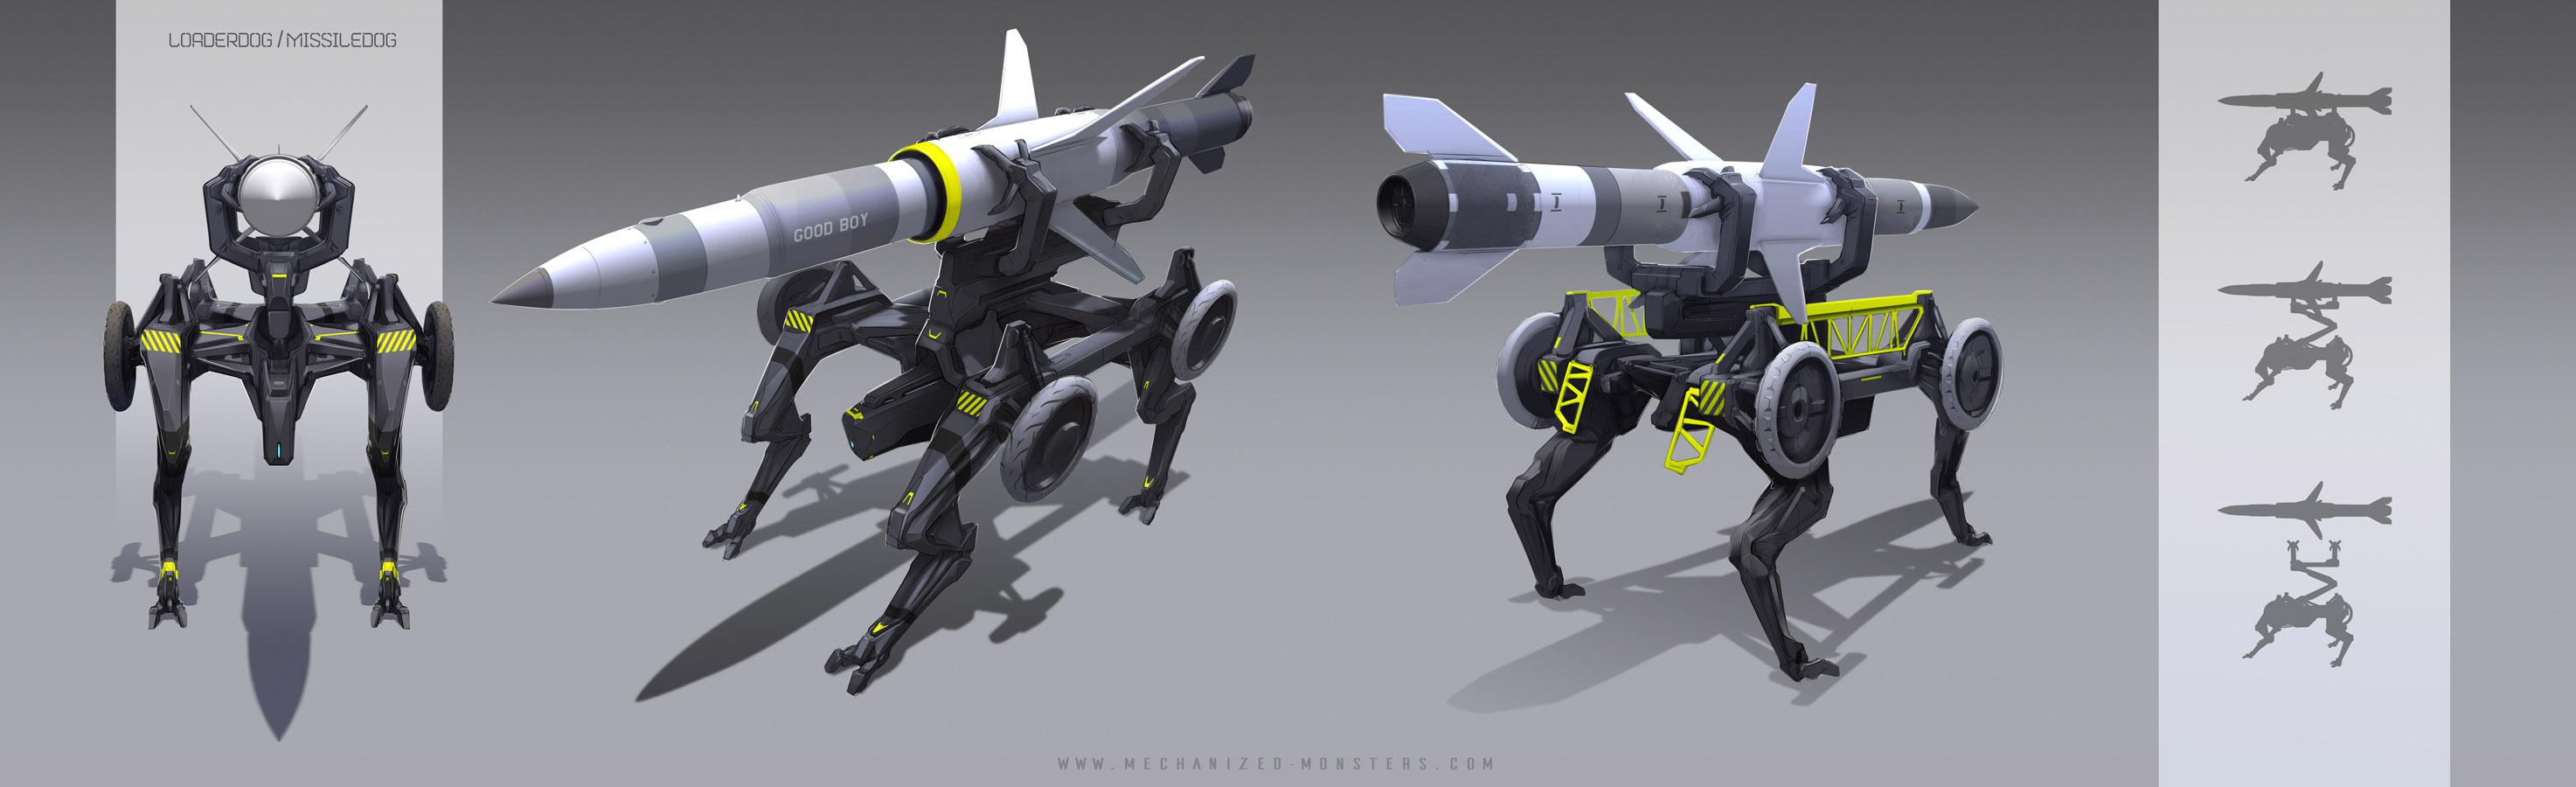 MissileDog by Hydrothrax